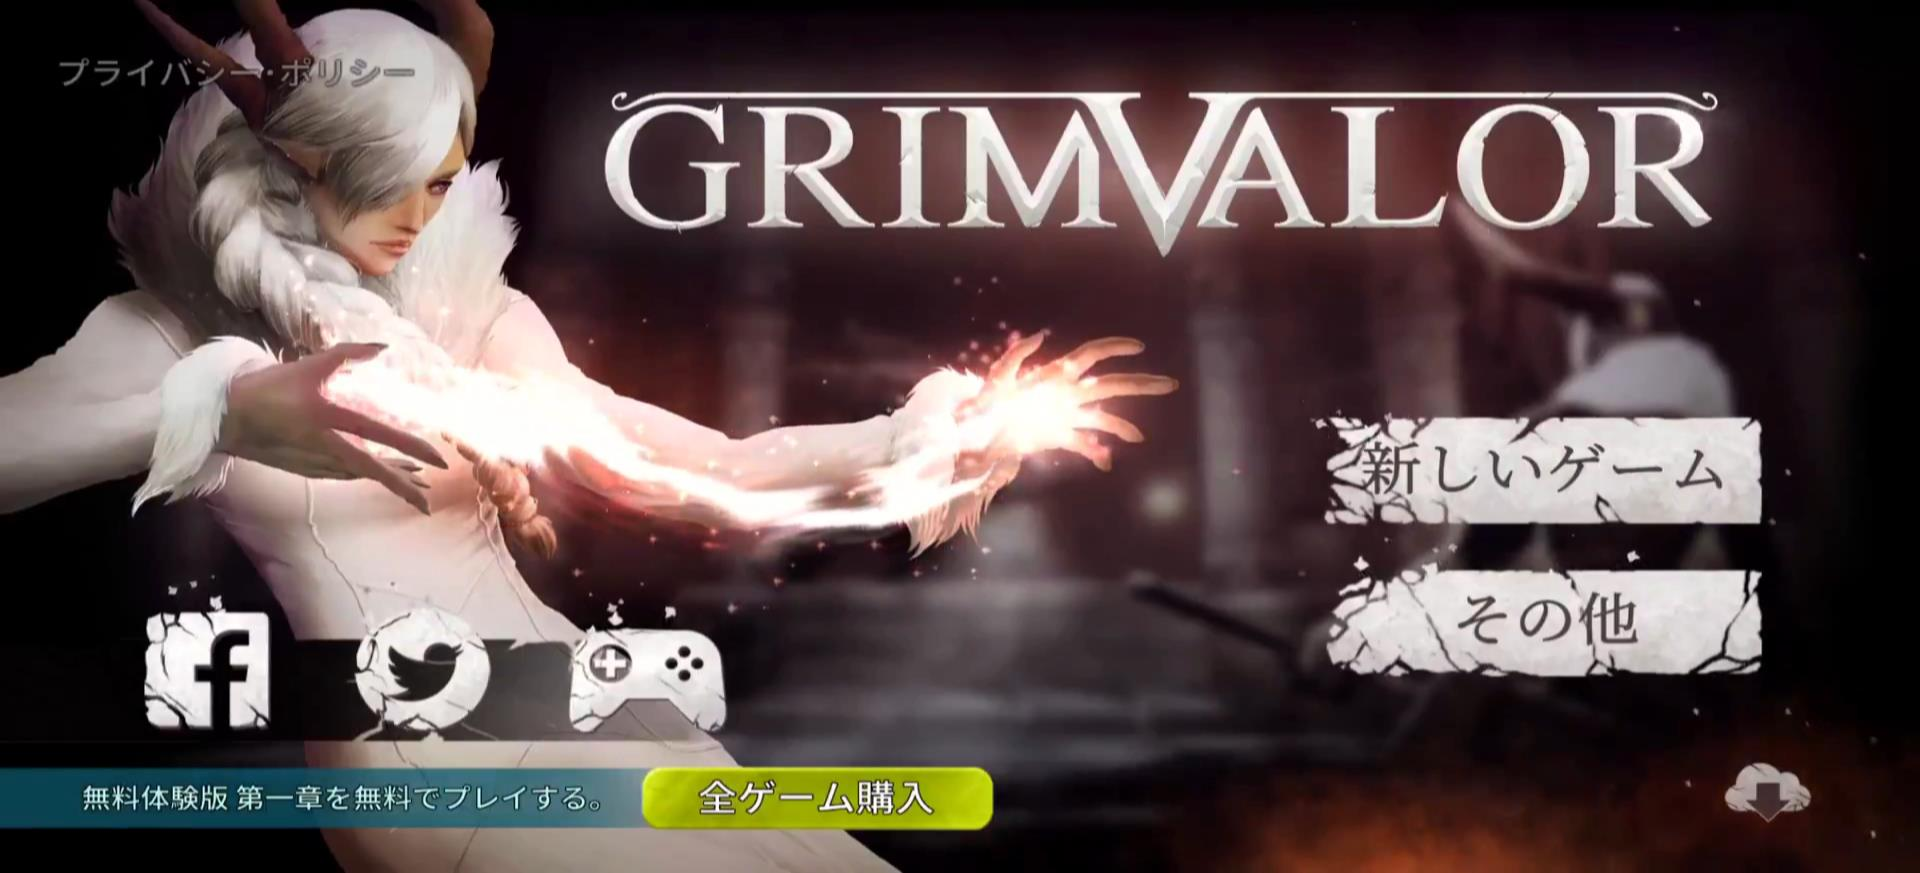 Grimvalor タイトル画面